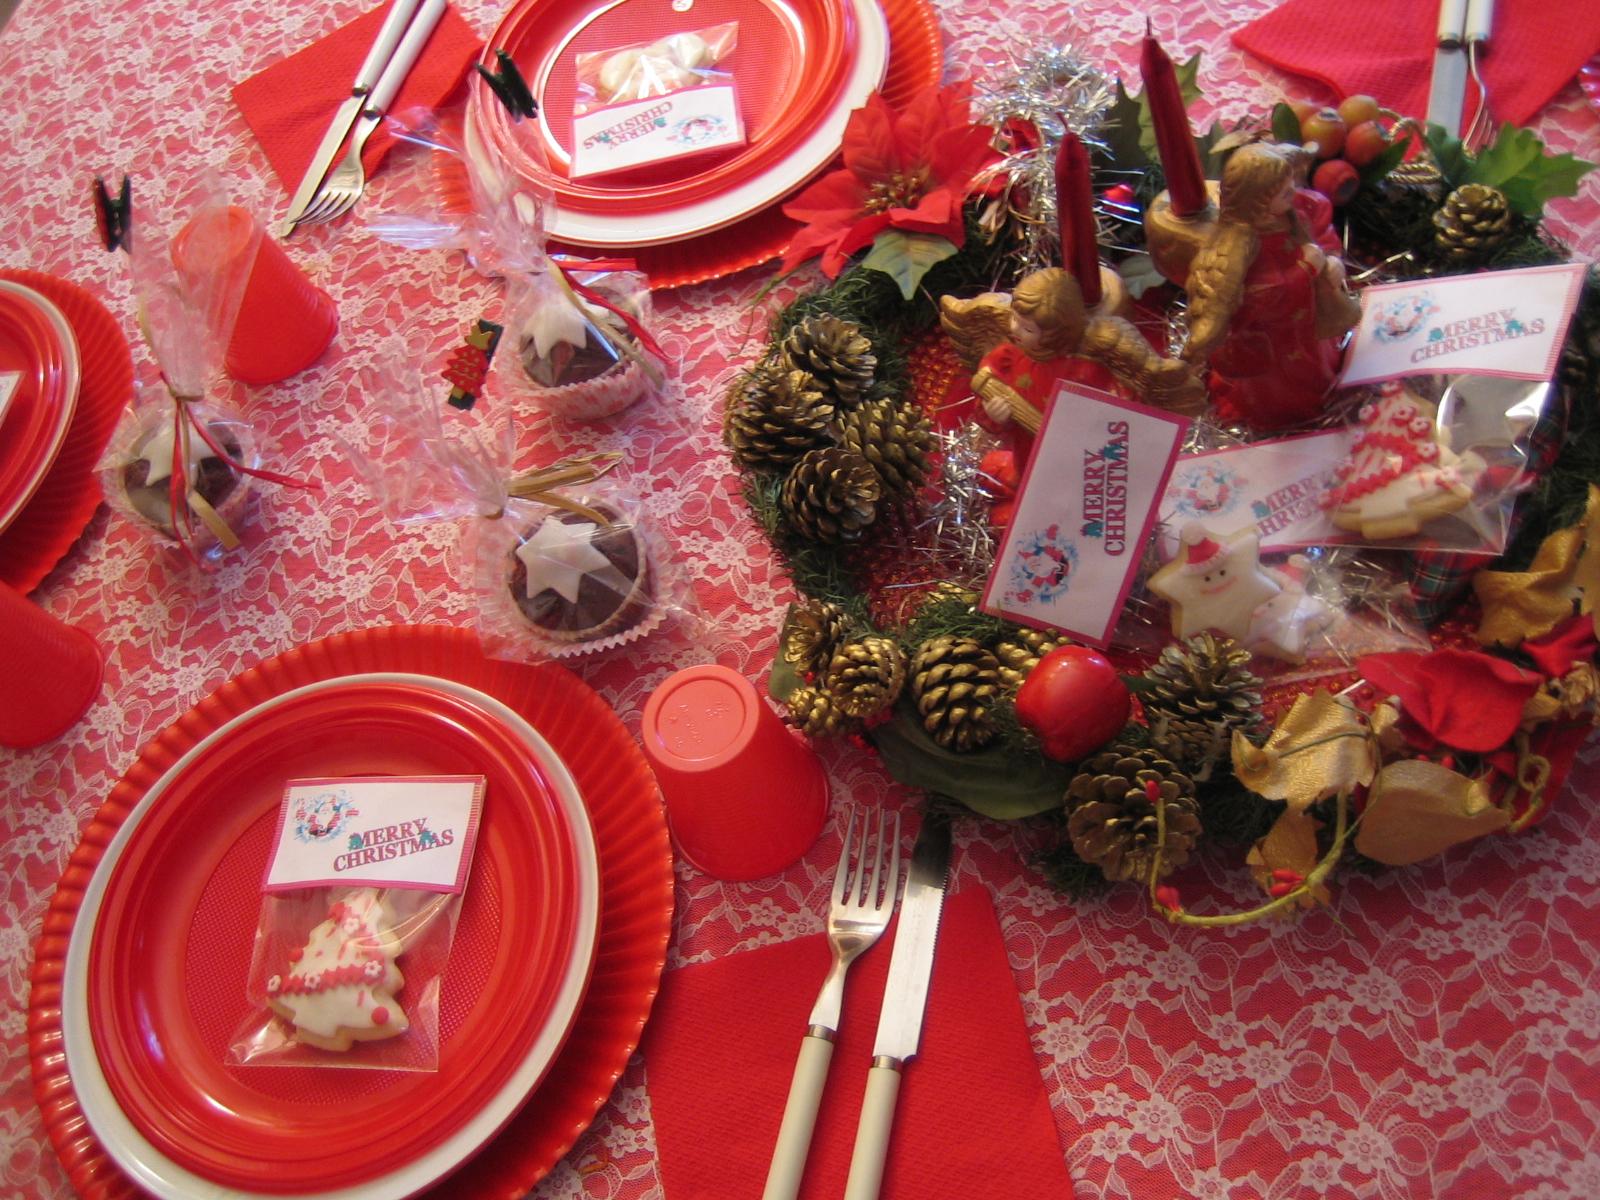 A Natale per ridurre l'appetito basta apparecchiare la tavola in rosso